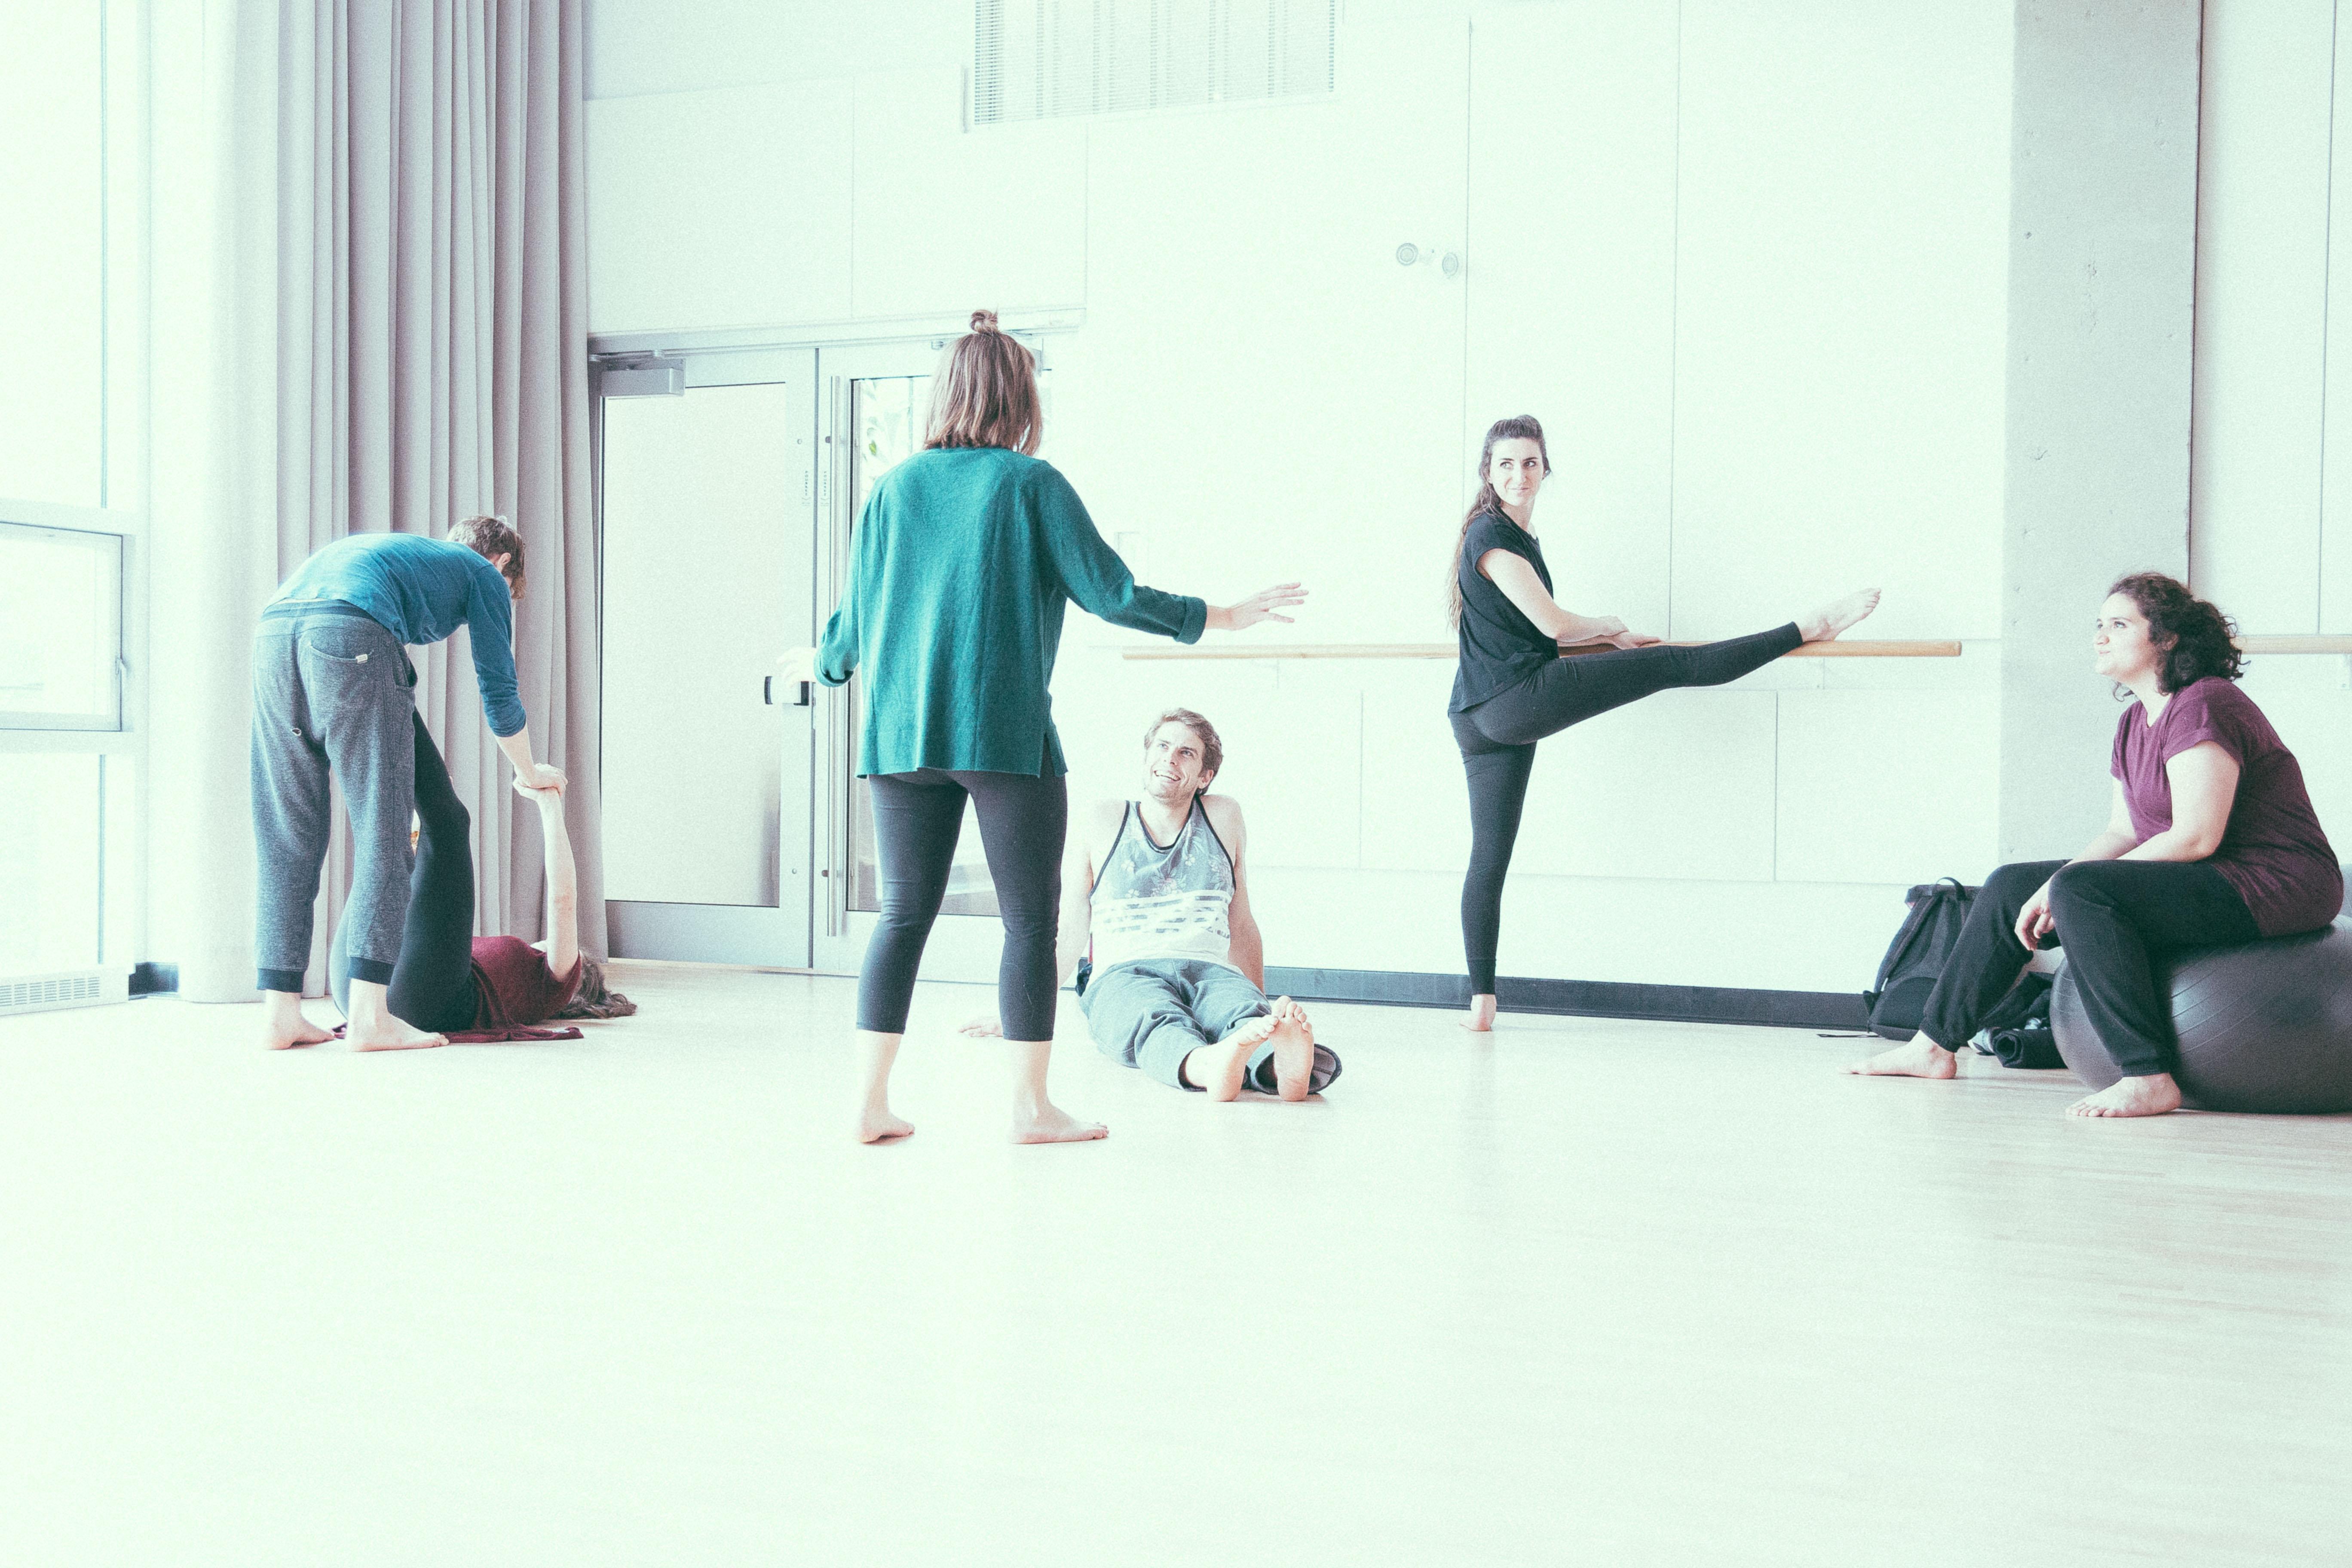 Cours de mouvement - Conservatoire d'art dramatique